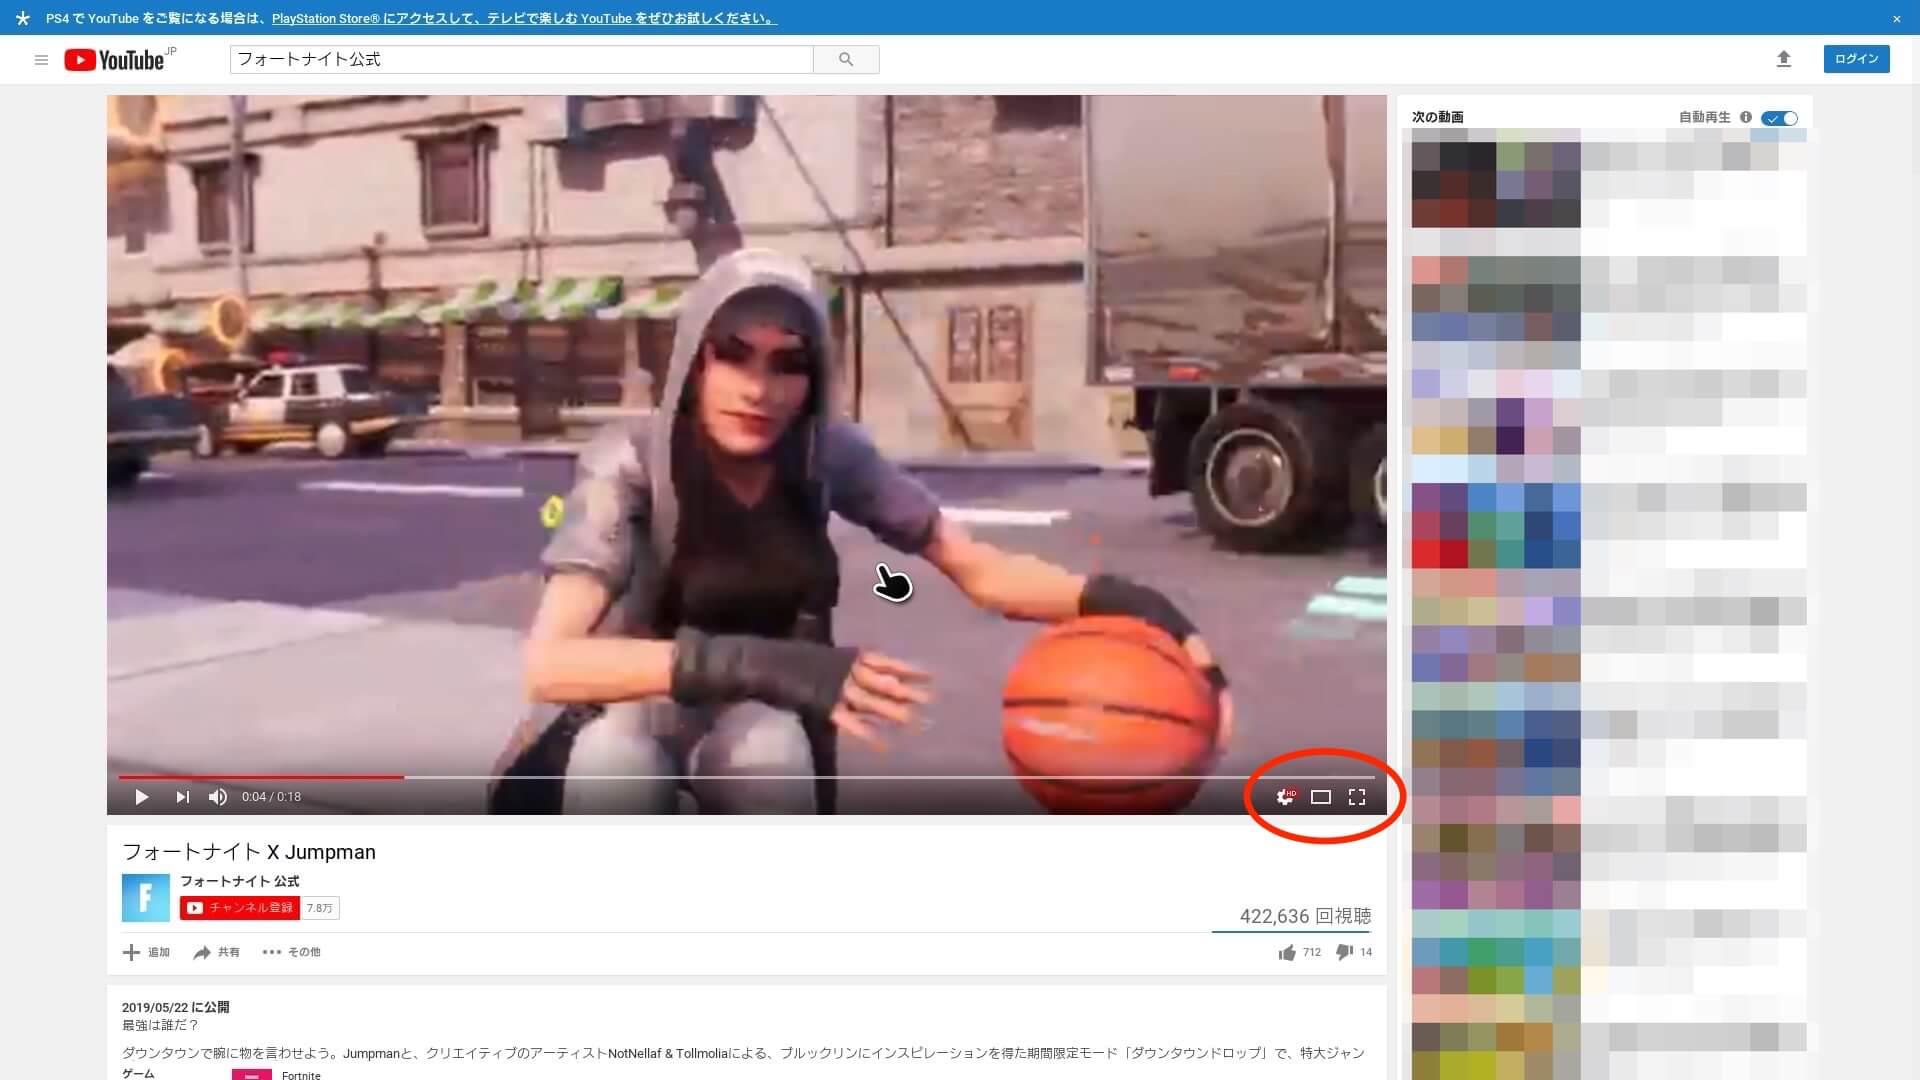 PS4のブラウザでYouTubeの画質を変更する方法